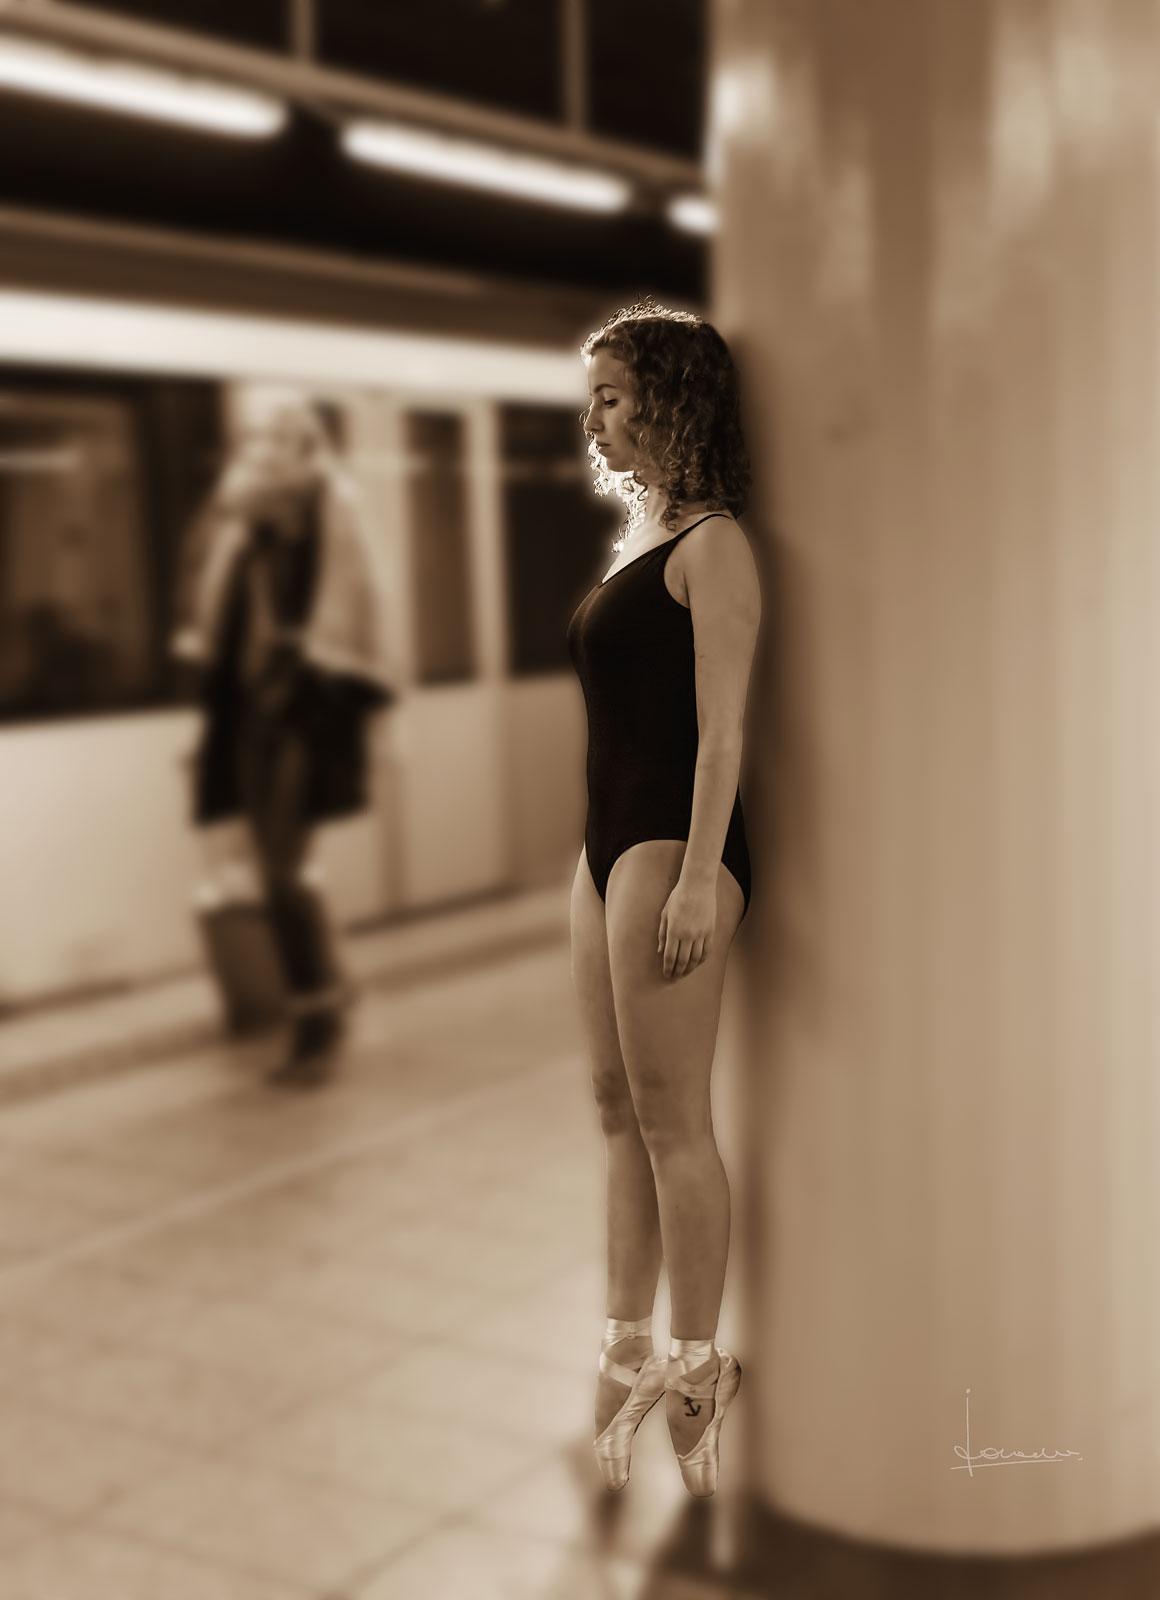 Dance outside stage. Danseres Joanna den Blijker, metro Amsterdam.